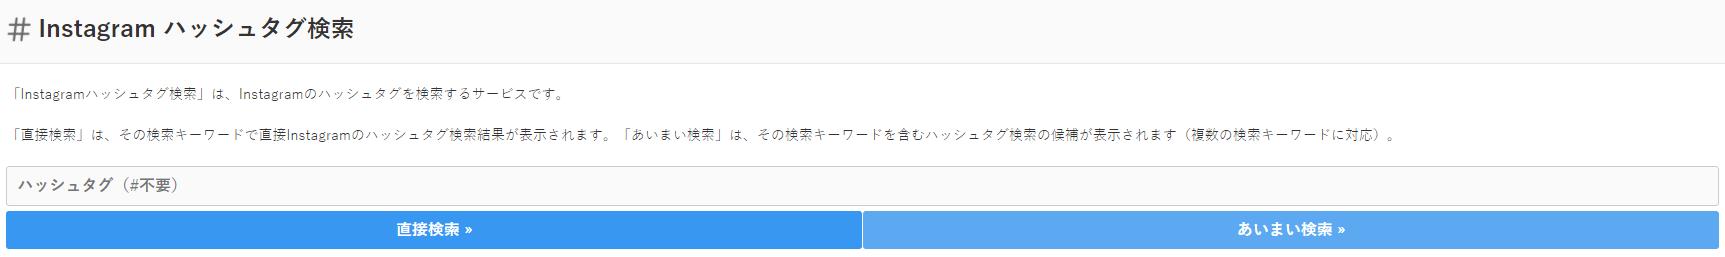 Instagramハッシュタグ検索サイト